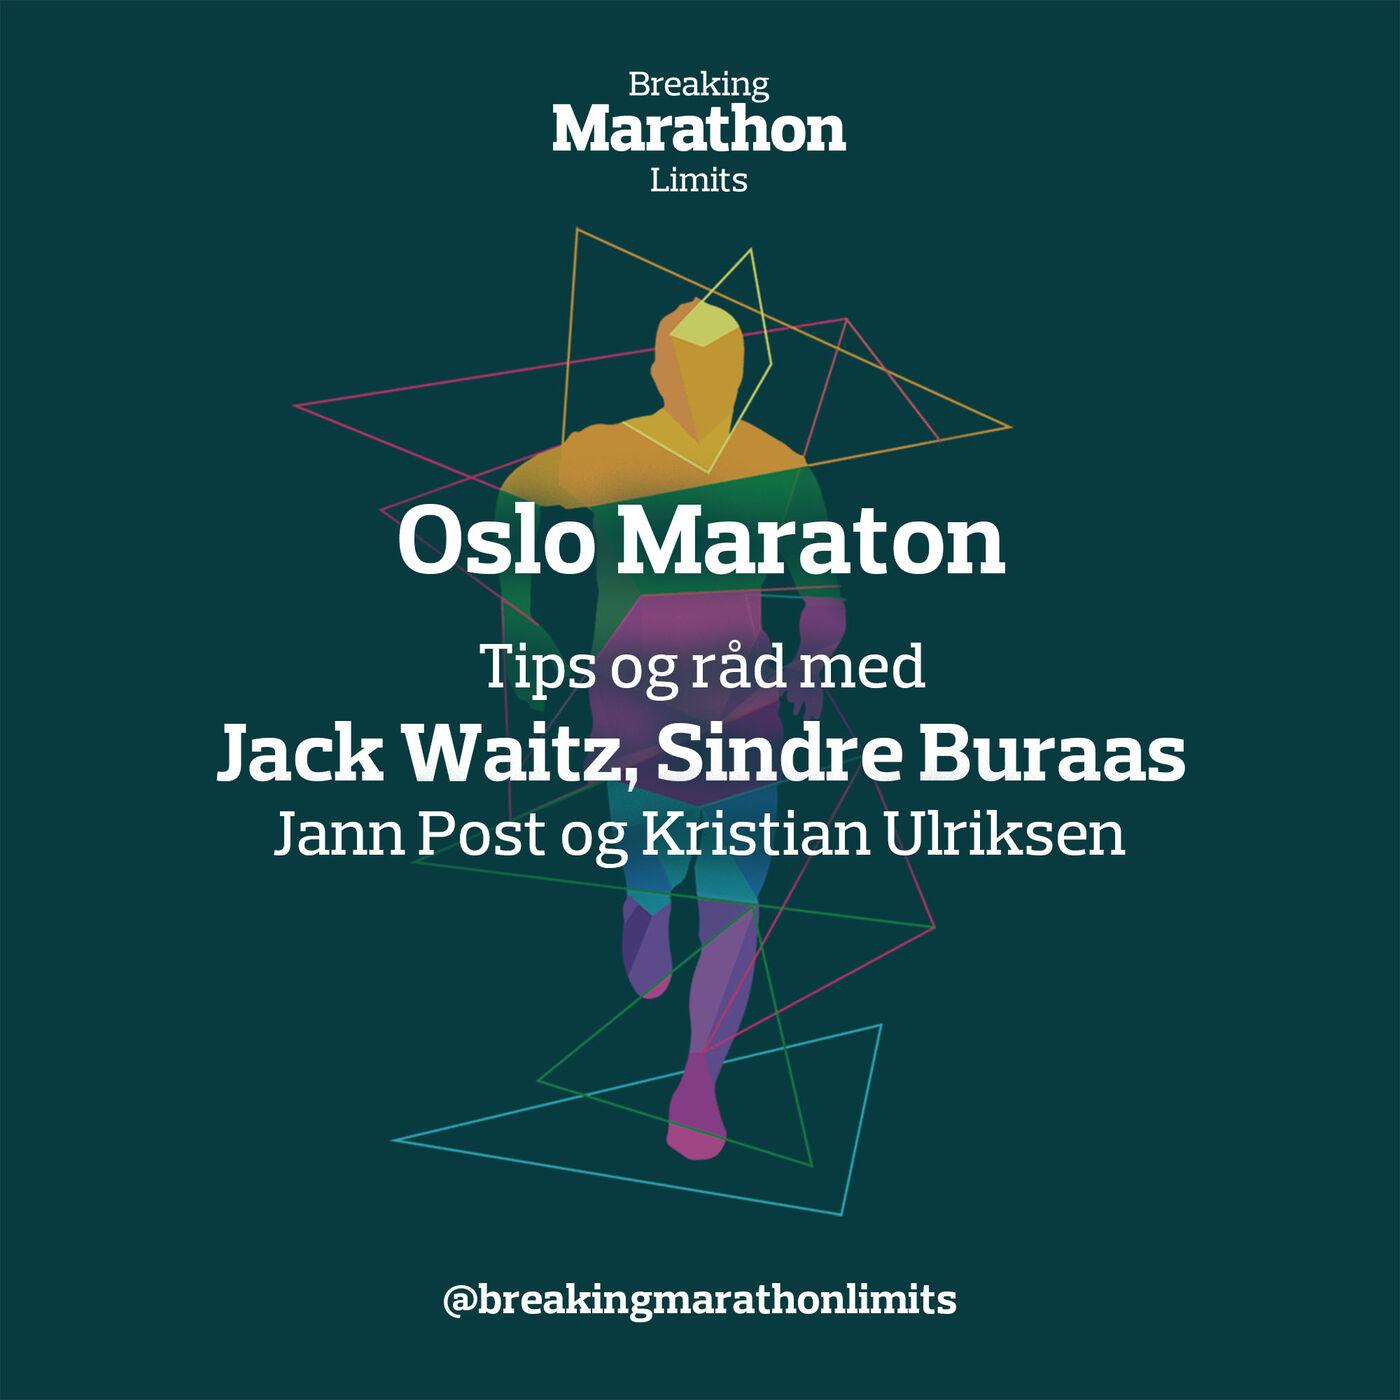 Oslo Maraton - Tips og råd med Jack Waitz og Sindre Buraas